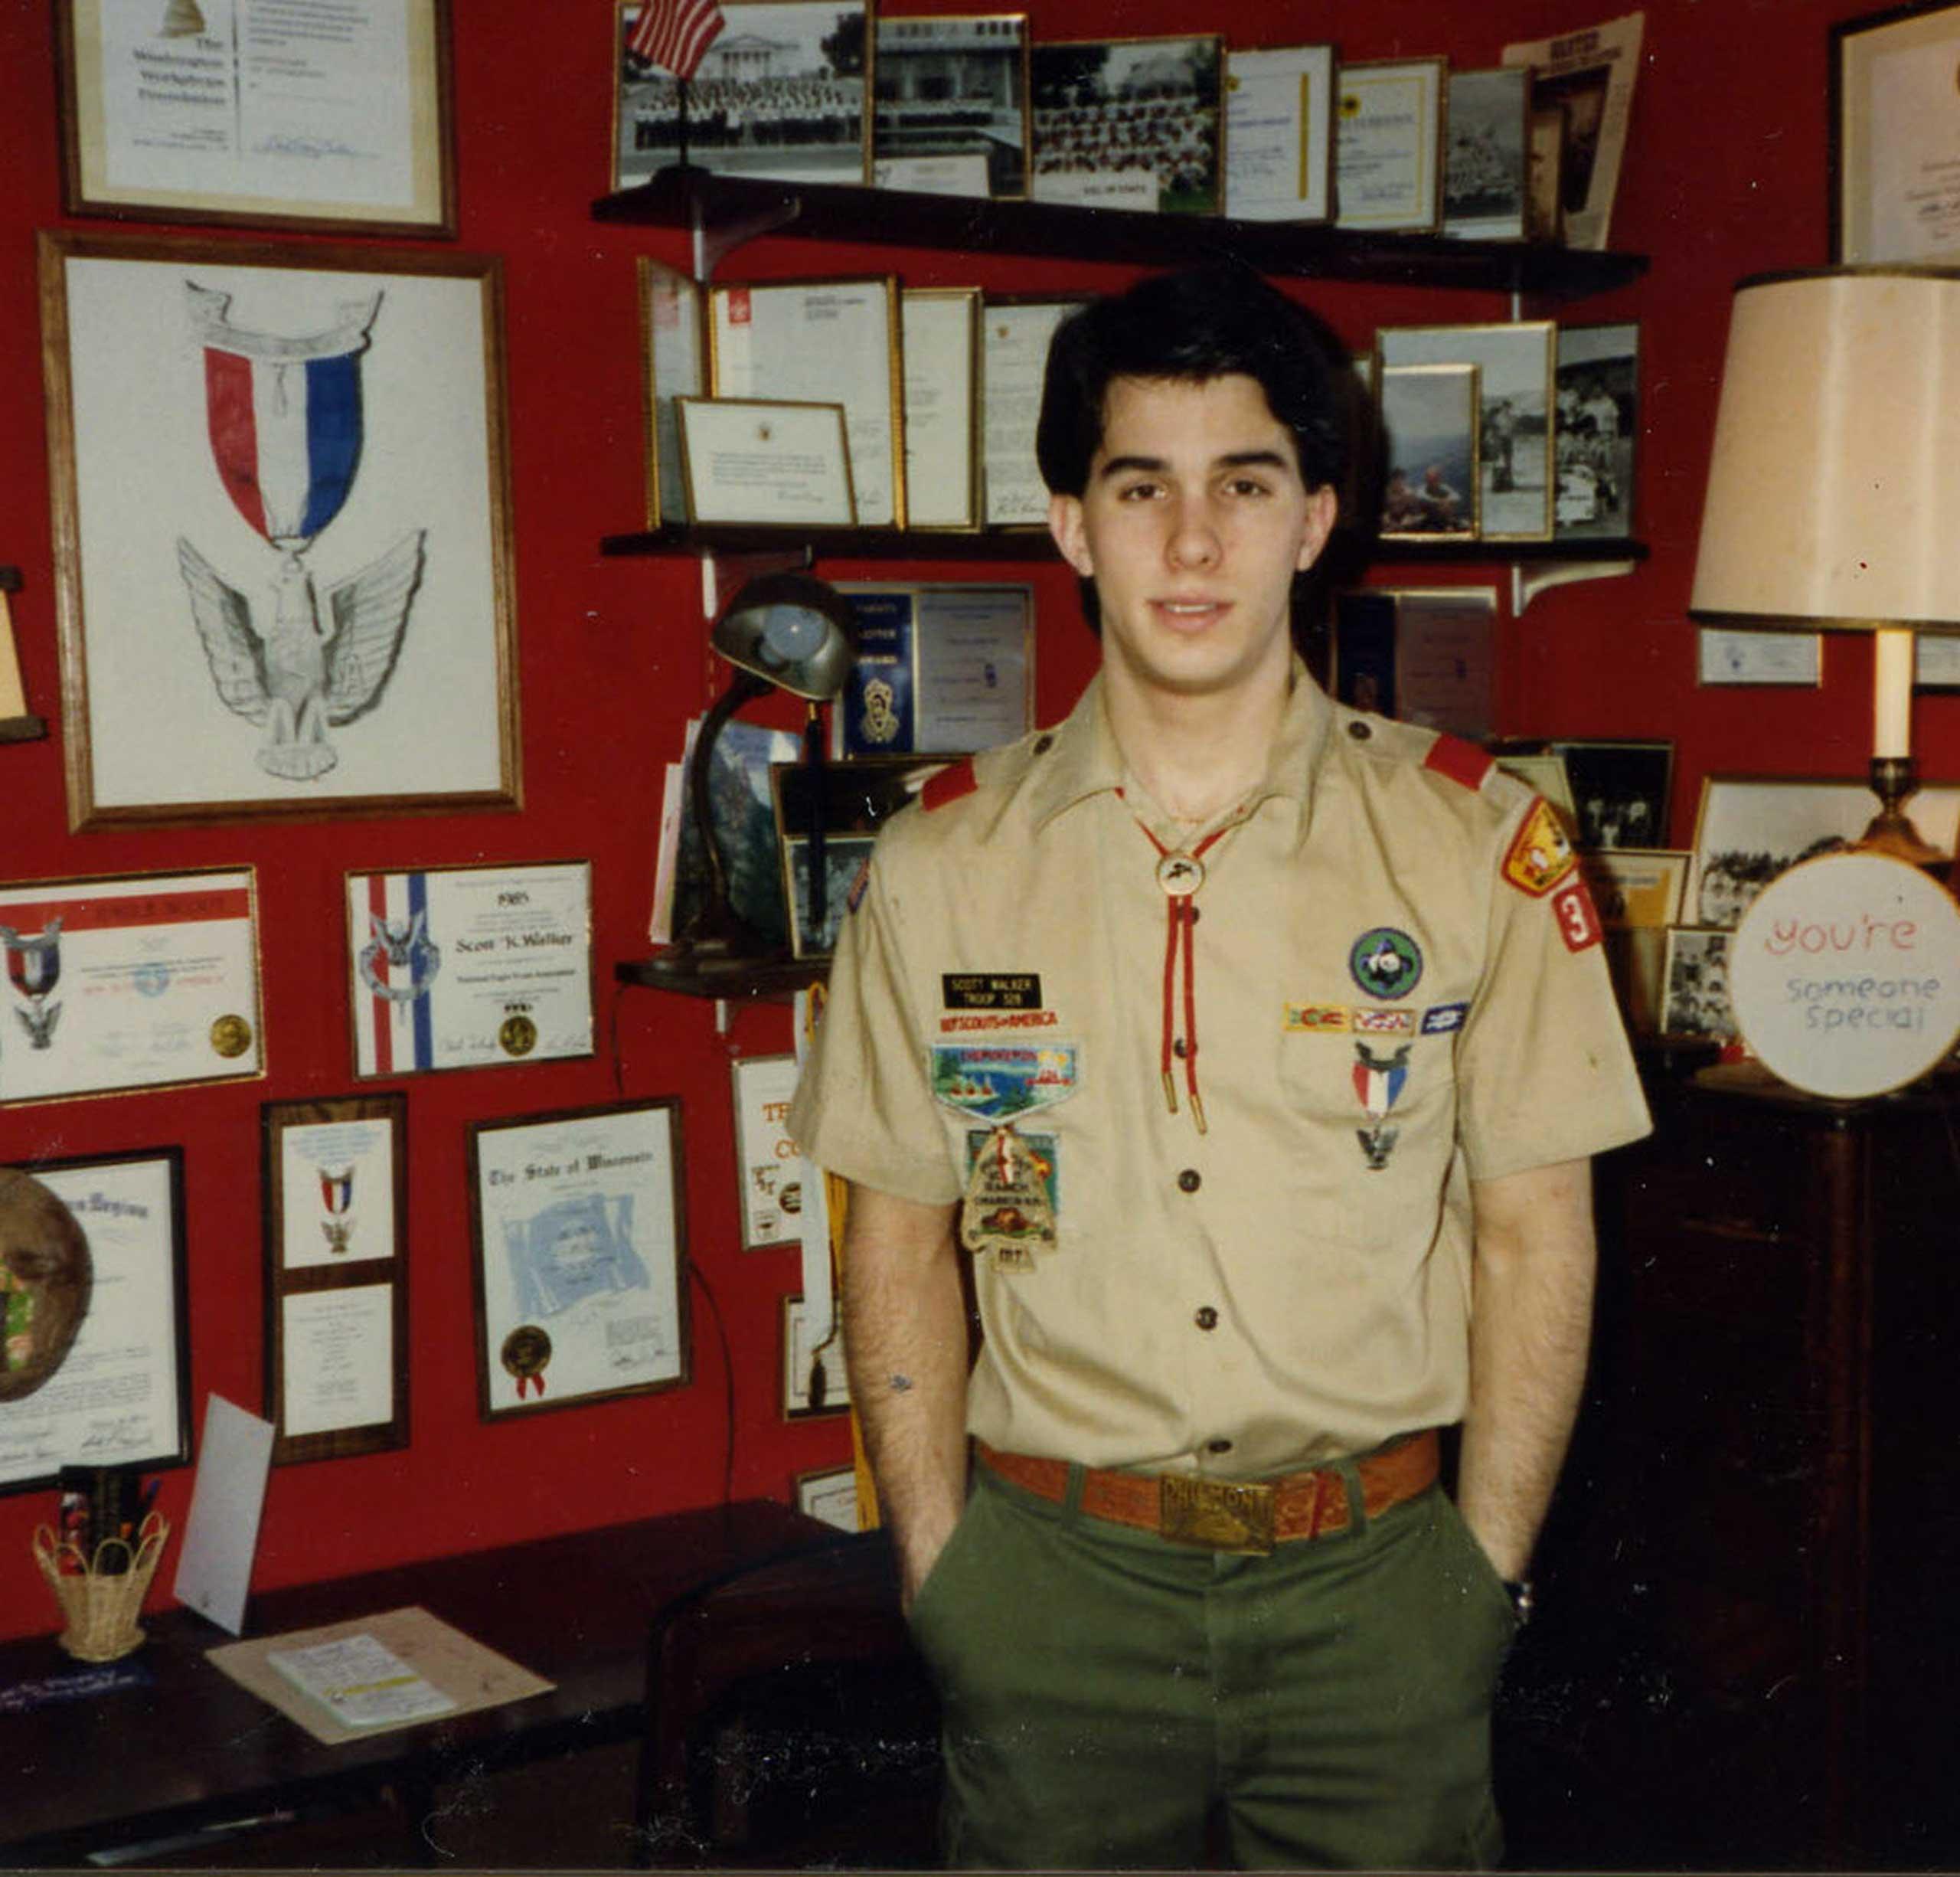 Scott Walker as an Eagle Scout in 1986.